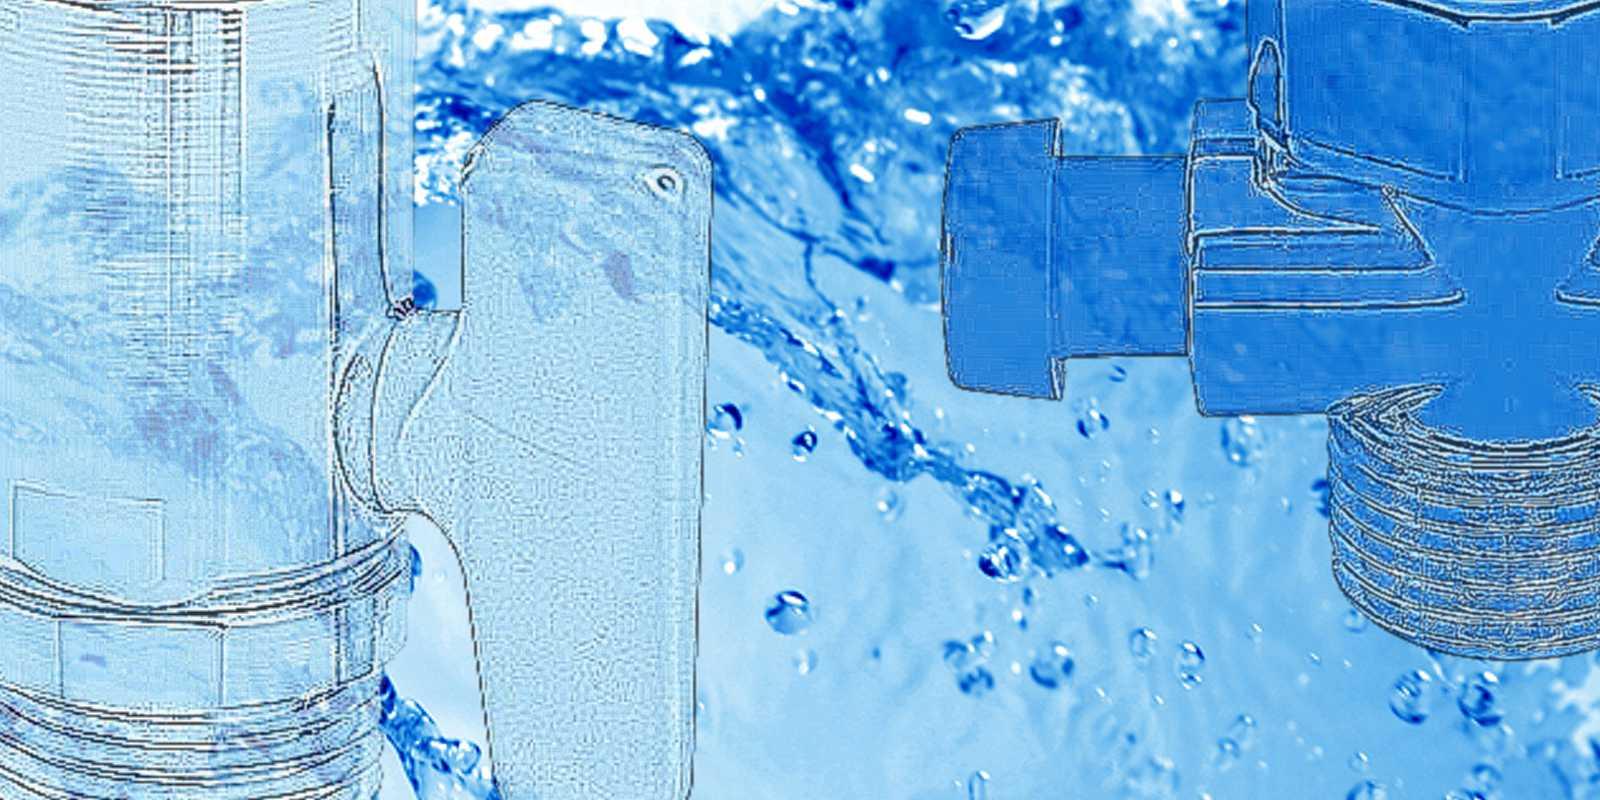 Dusch-Stopper zum Abstellen während des Einseifens